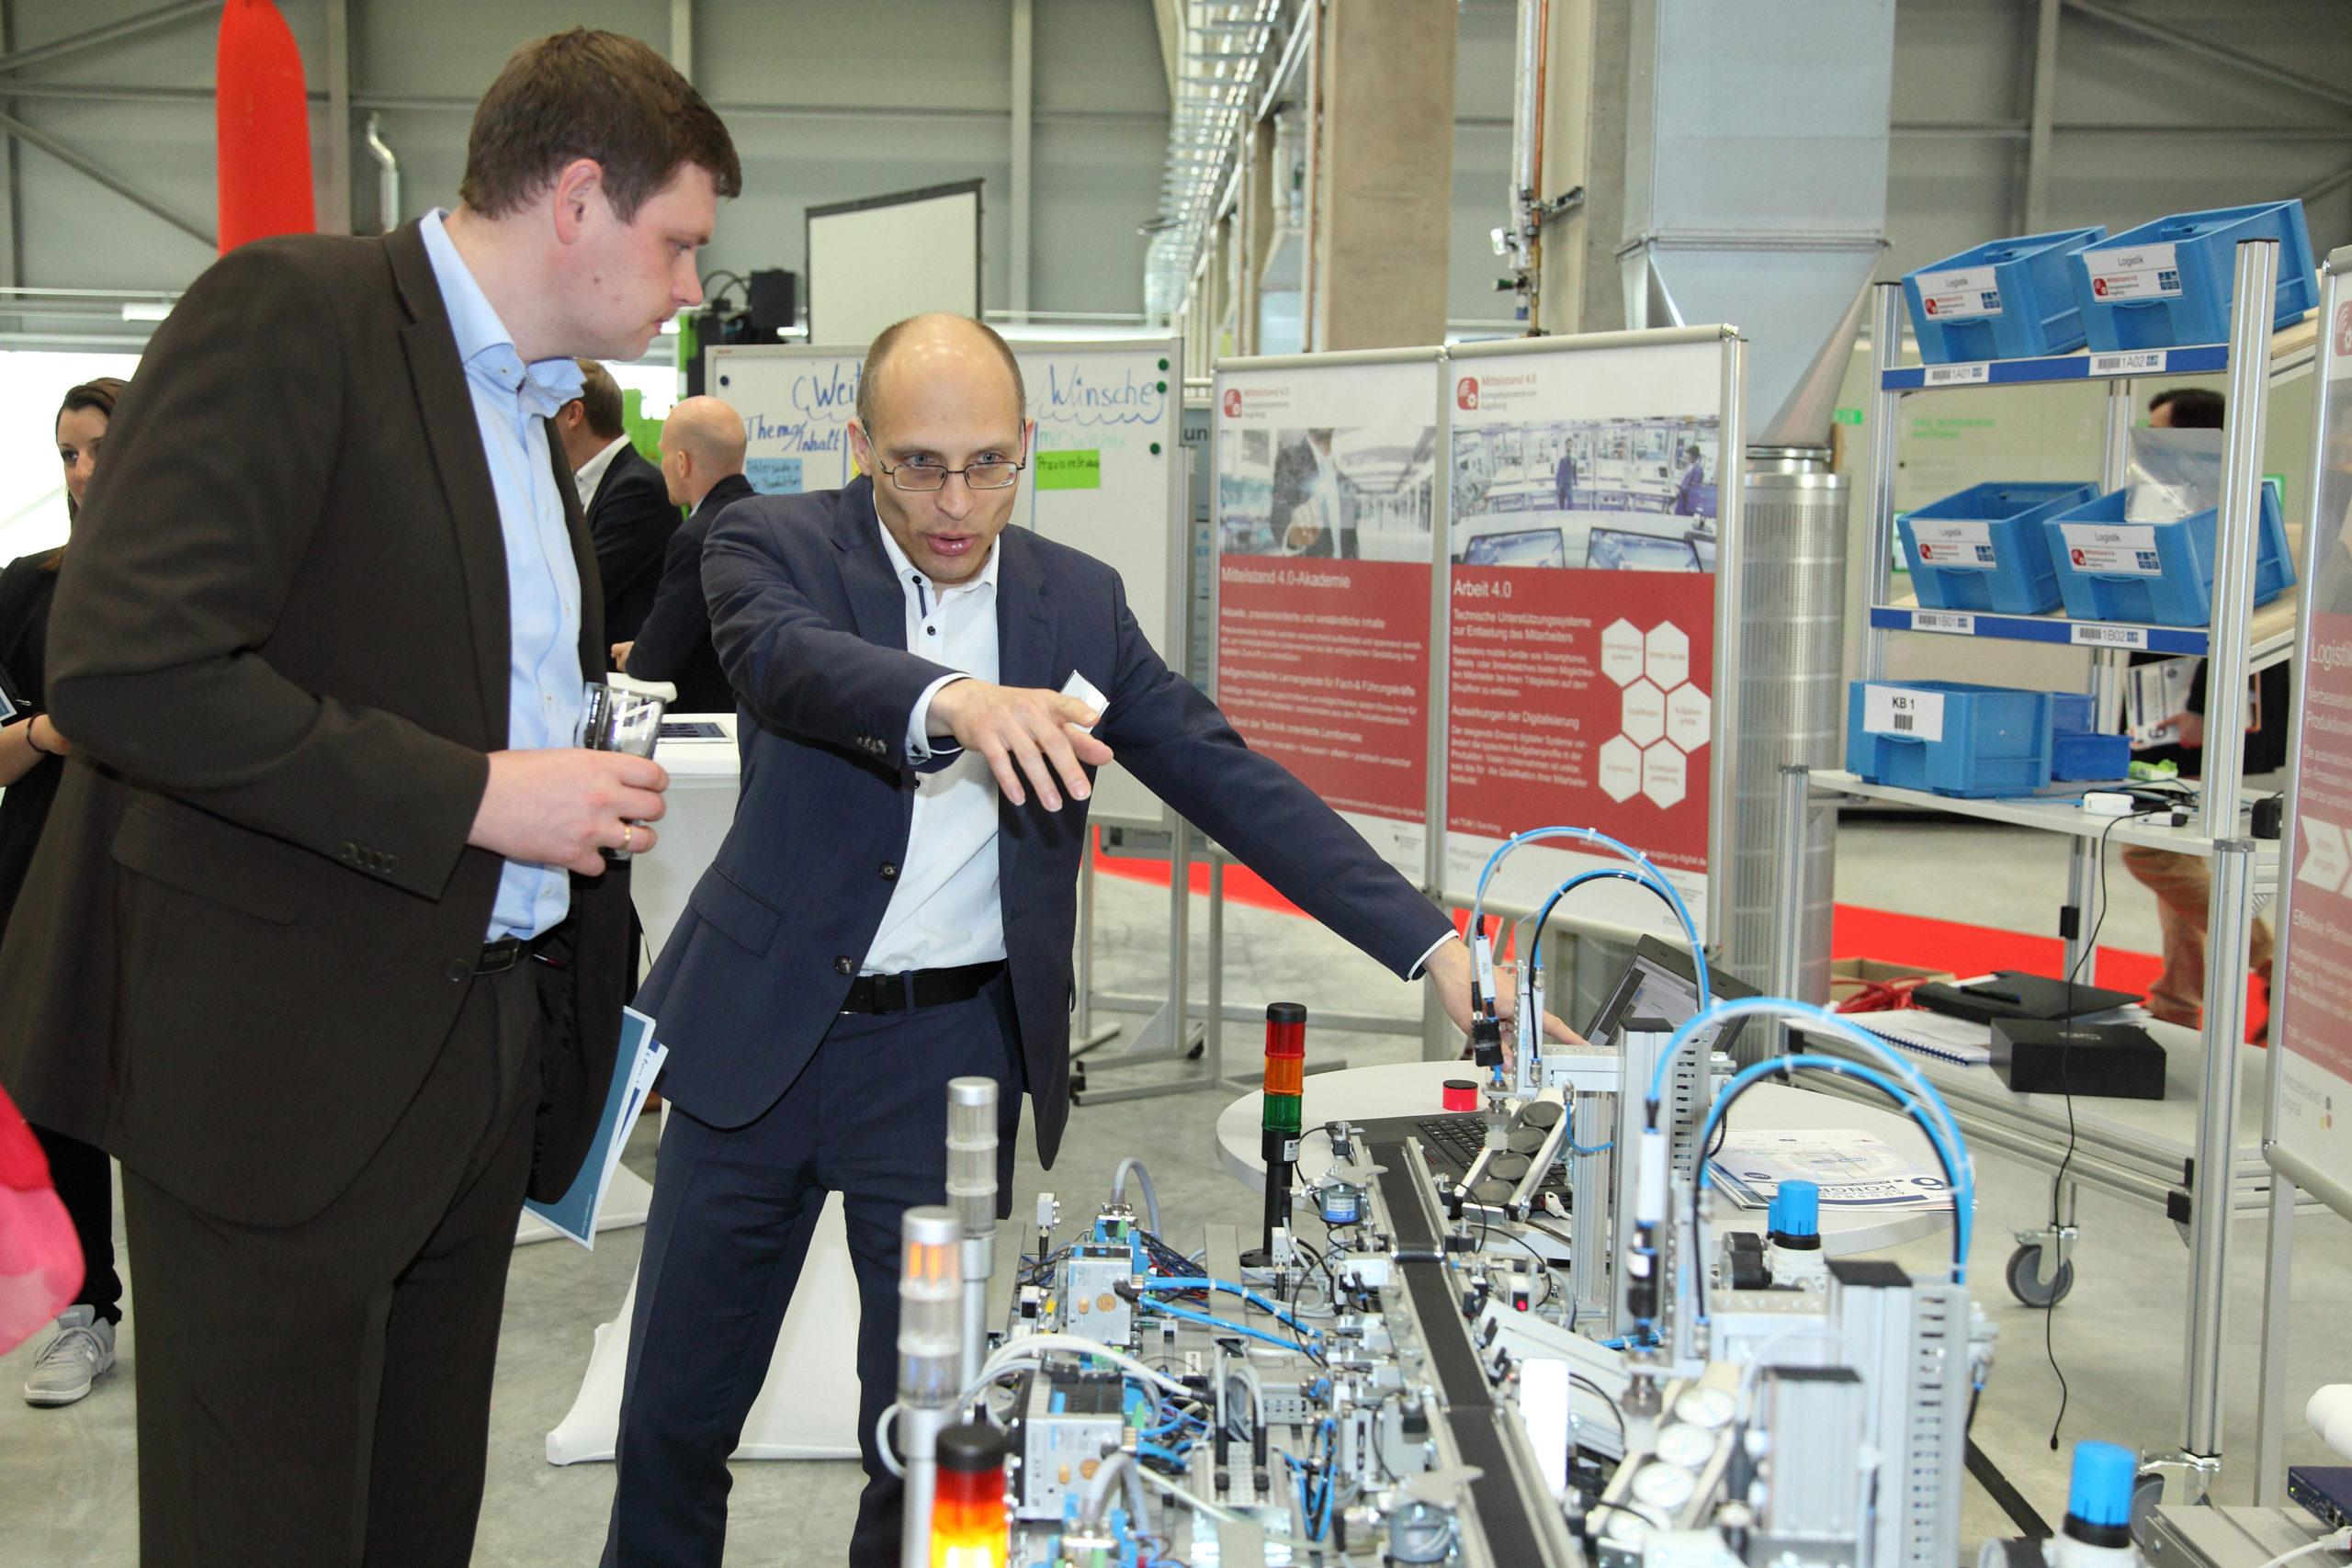 Zusammenarbeit von angewandter Forschung und Unternehmen